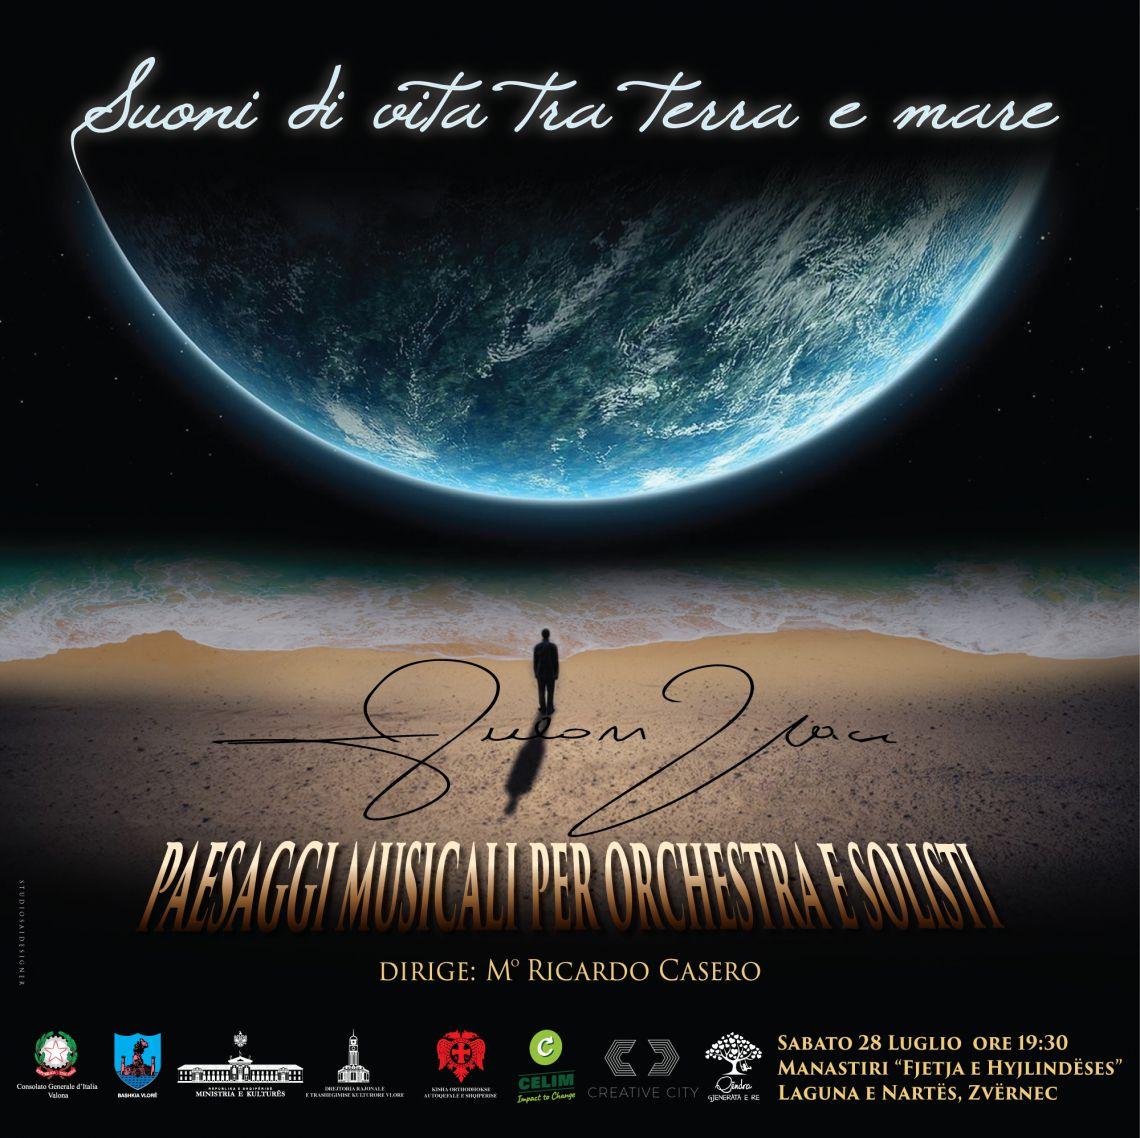 Invito Concerto Suoni Di Vita Tra Terra E Mare Zvernec